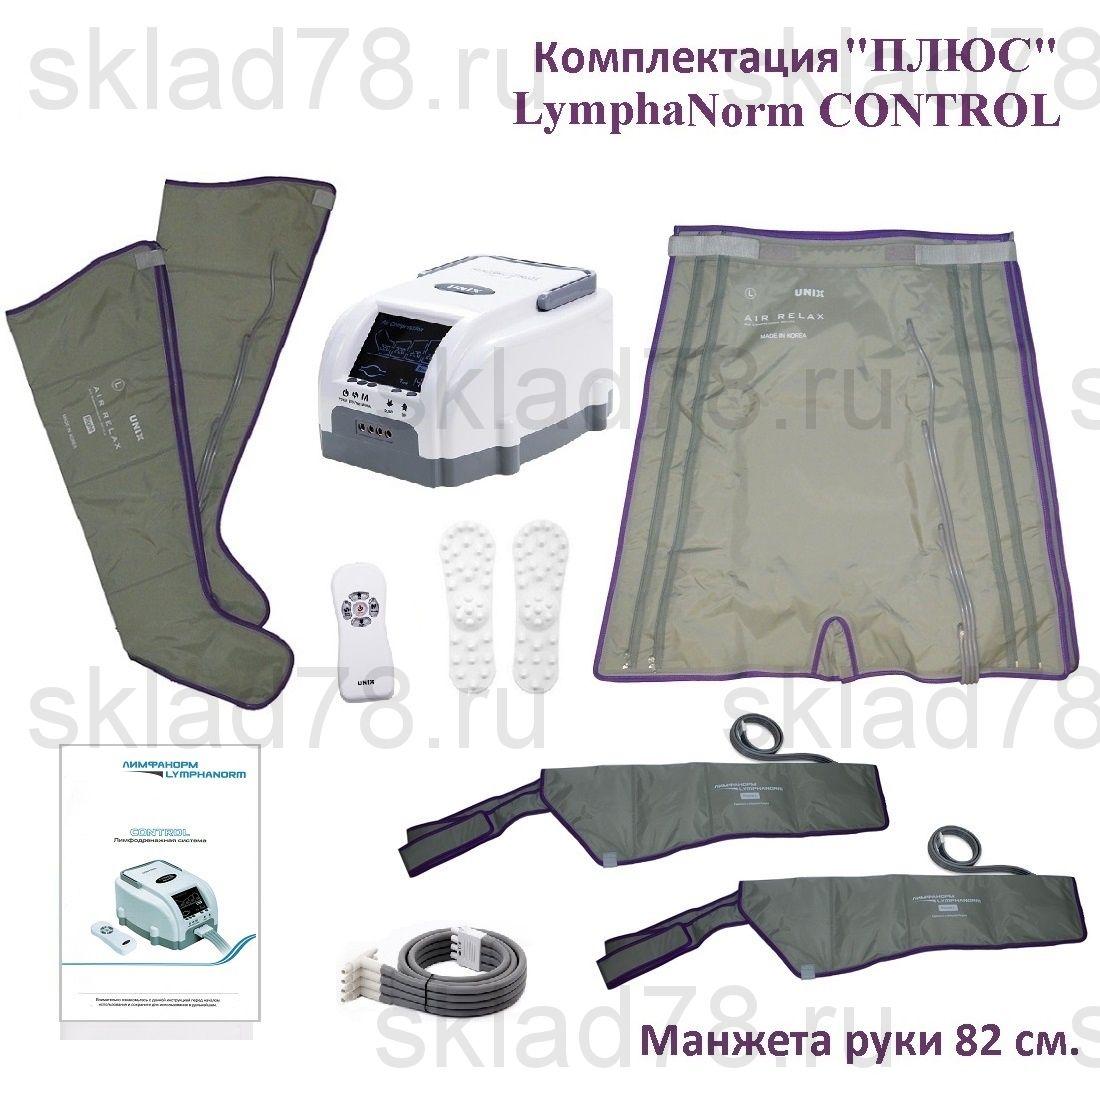 LymphaNorm CONTROL Лимфодренаж «ПЛЮС» (руки 82 см.)